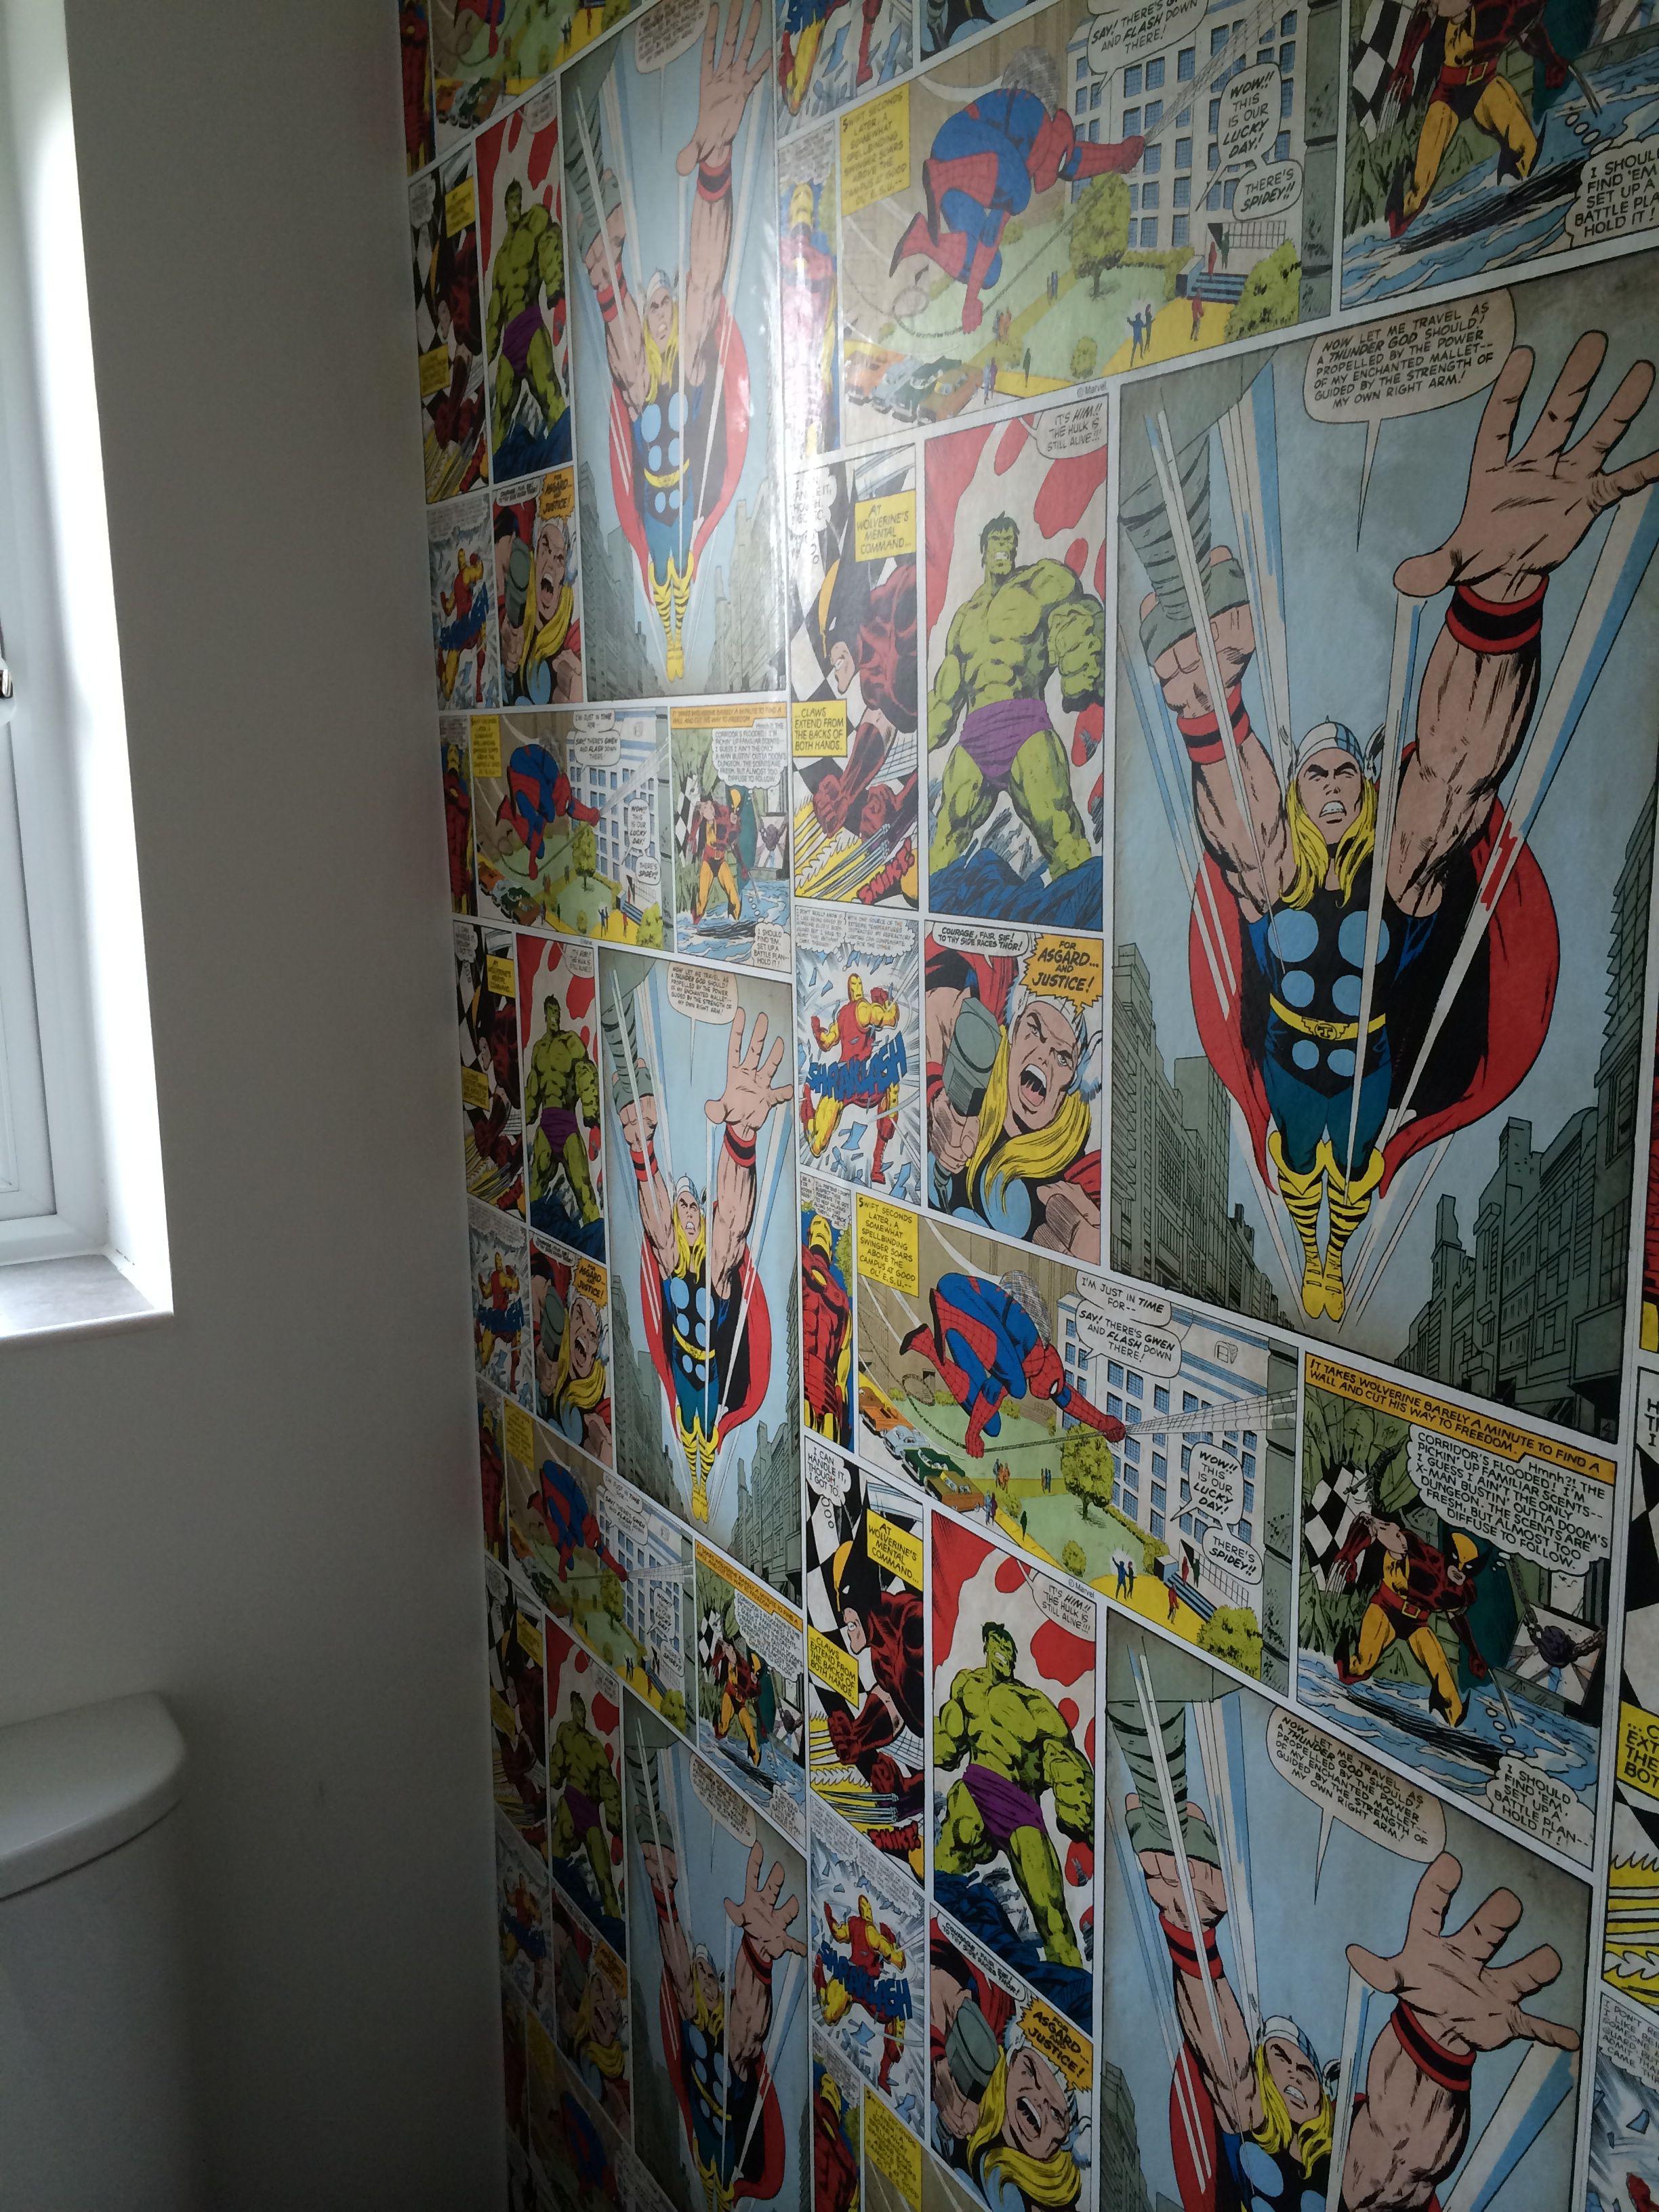 Marvel Wallpaper, From Wallpaper King £20 P/ Roll For